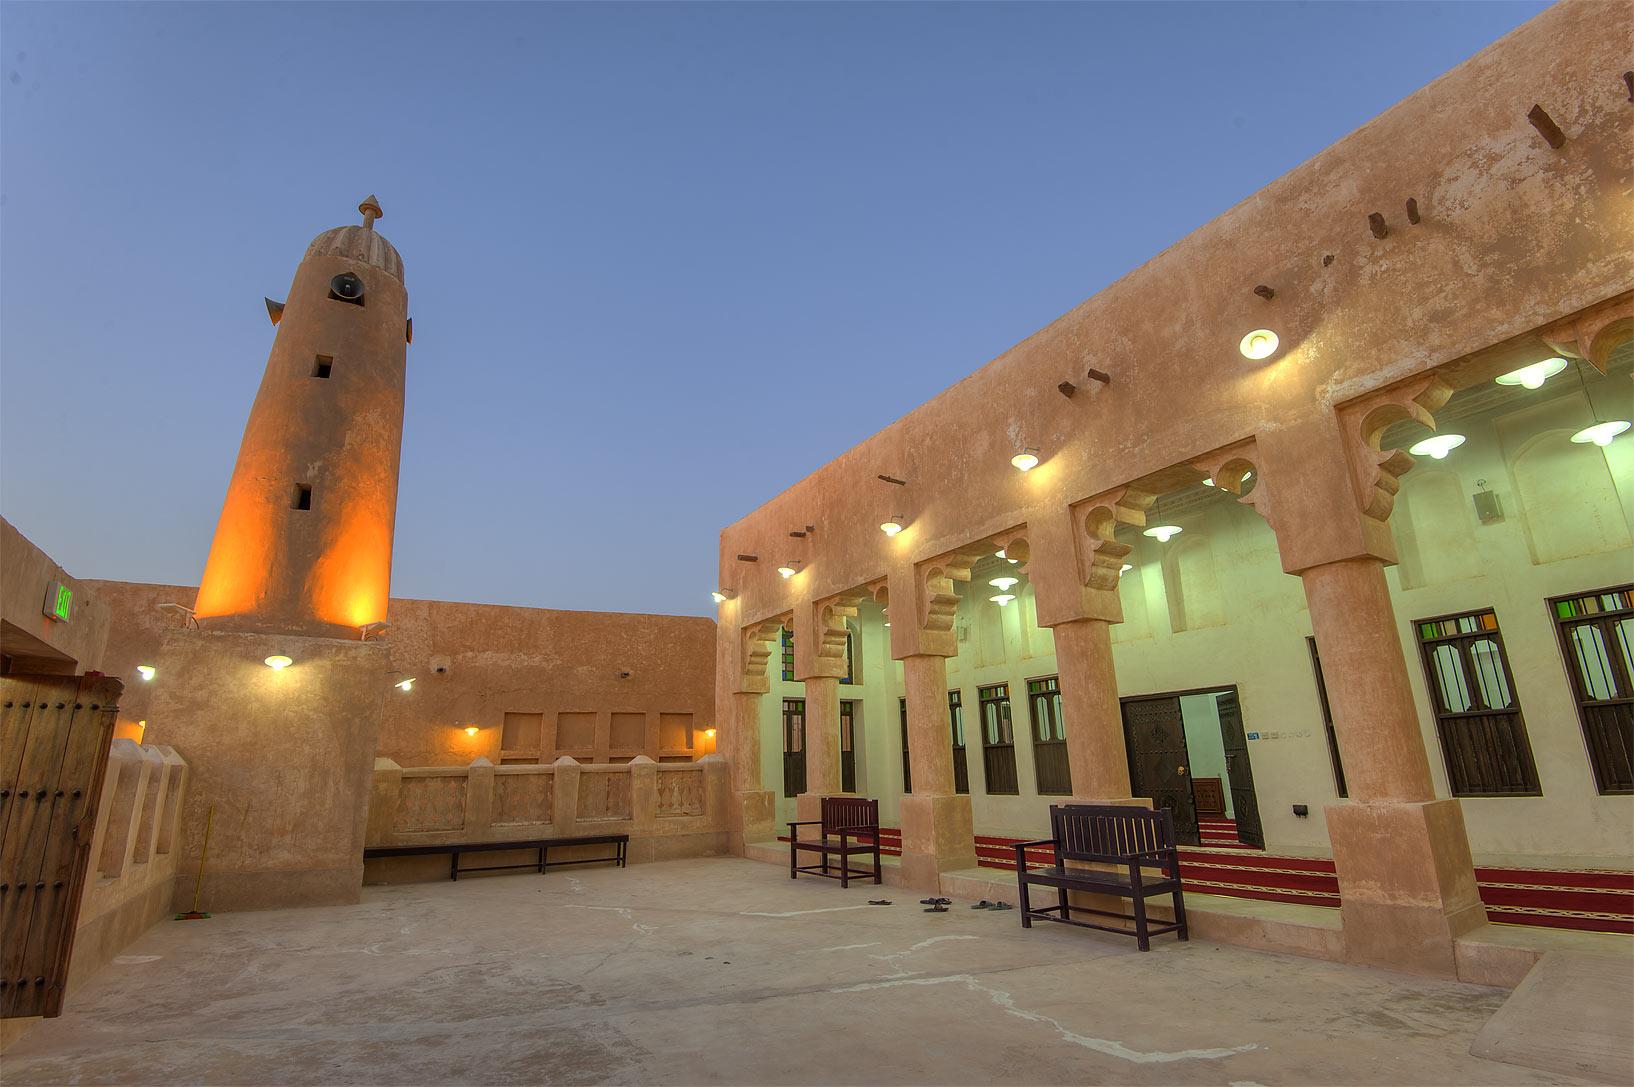 Souq Waqif Al Wakra Qatar